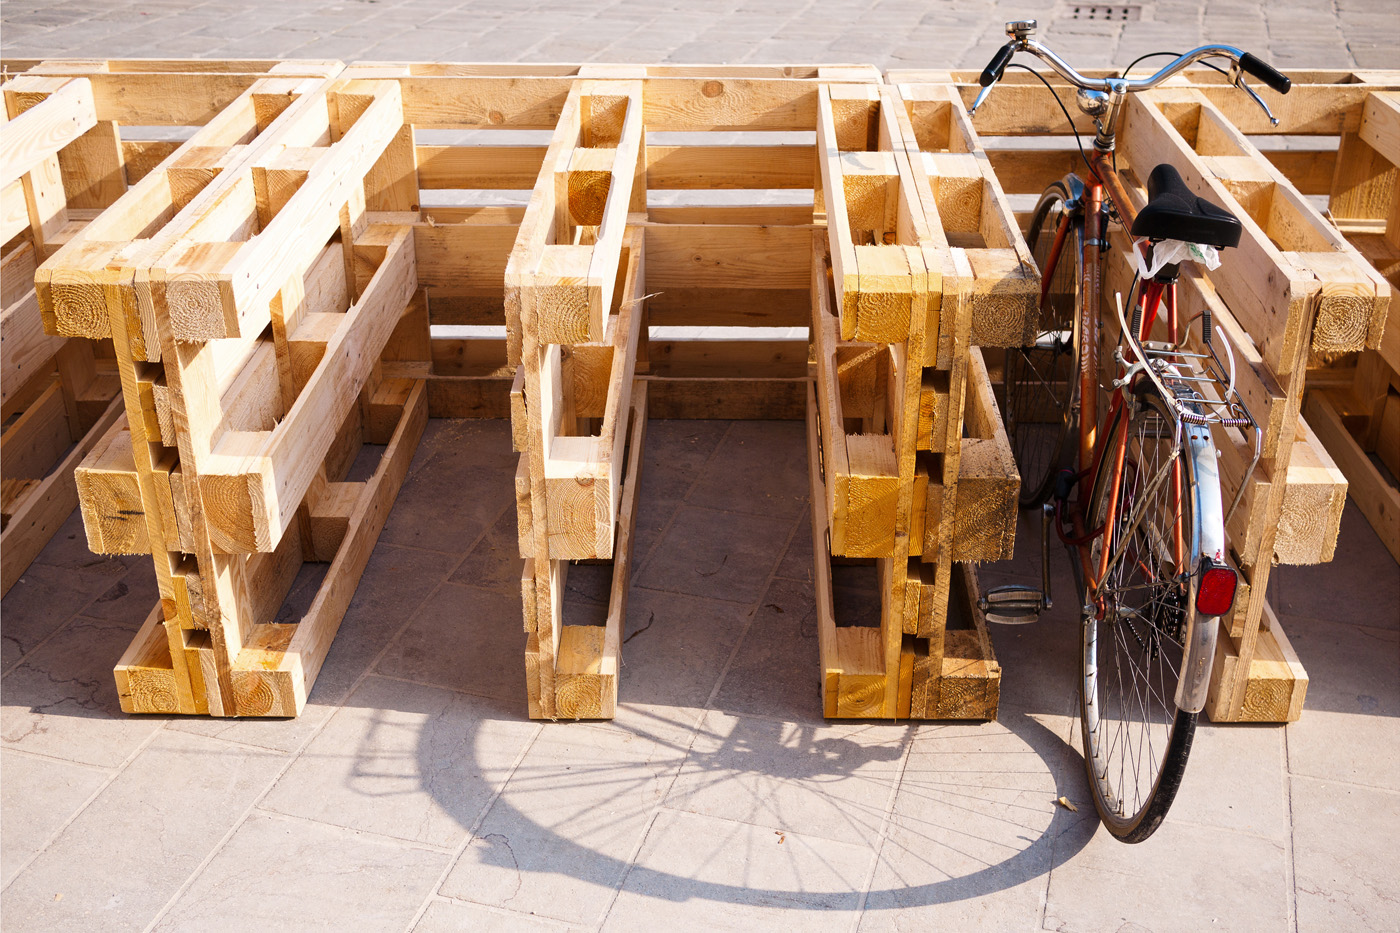 Installazioni urbane per una rassegna sulla sostenibilità. La diga porta-bici | Bottega di Architettura